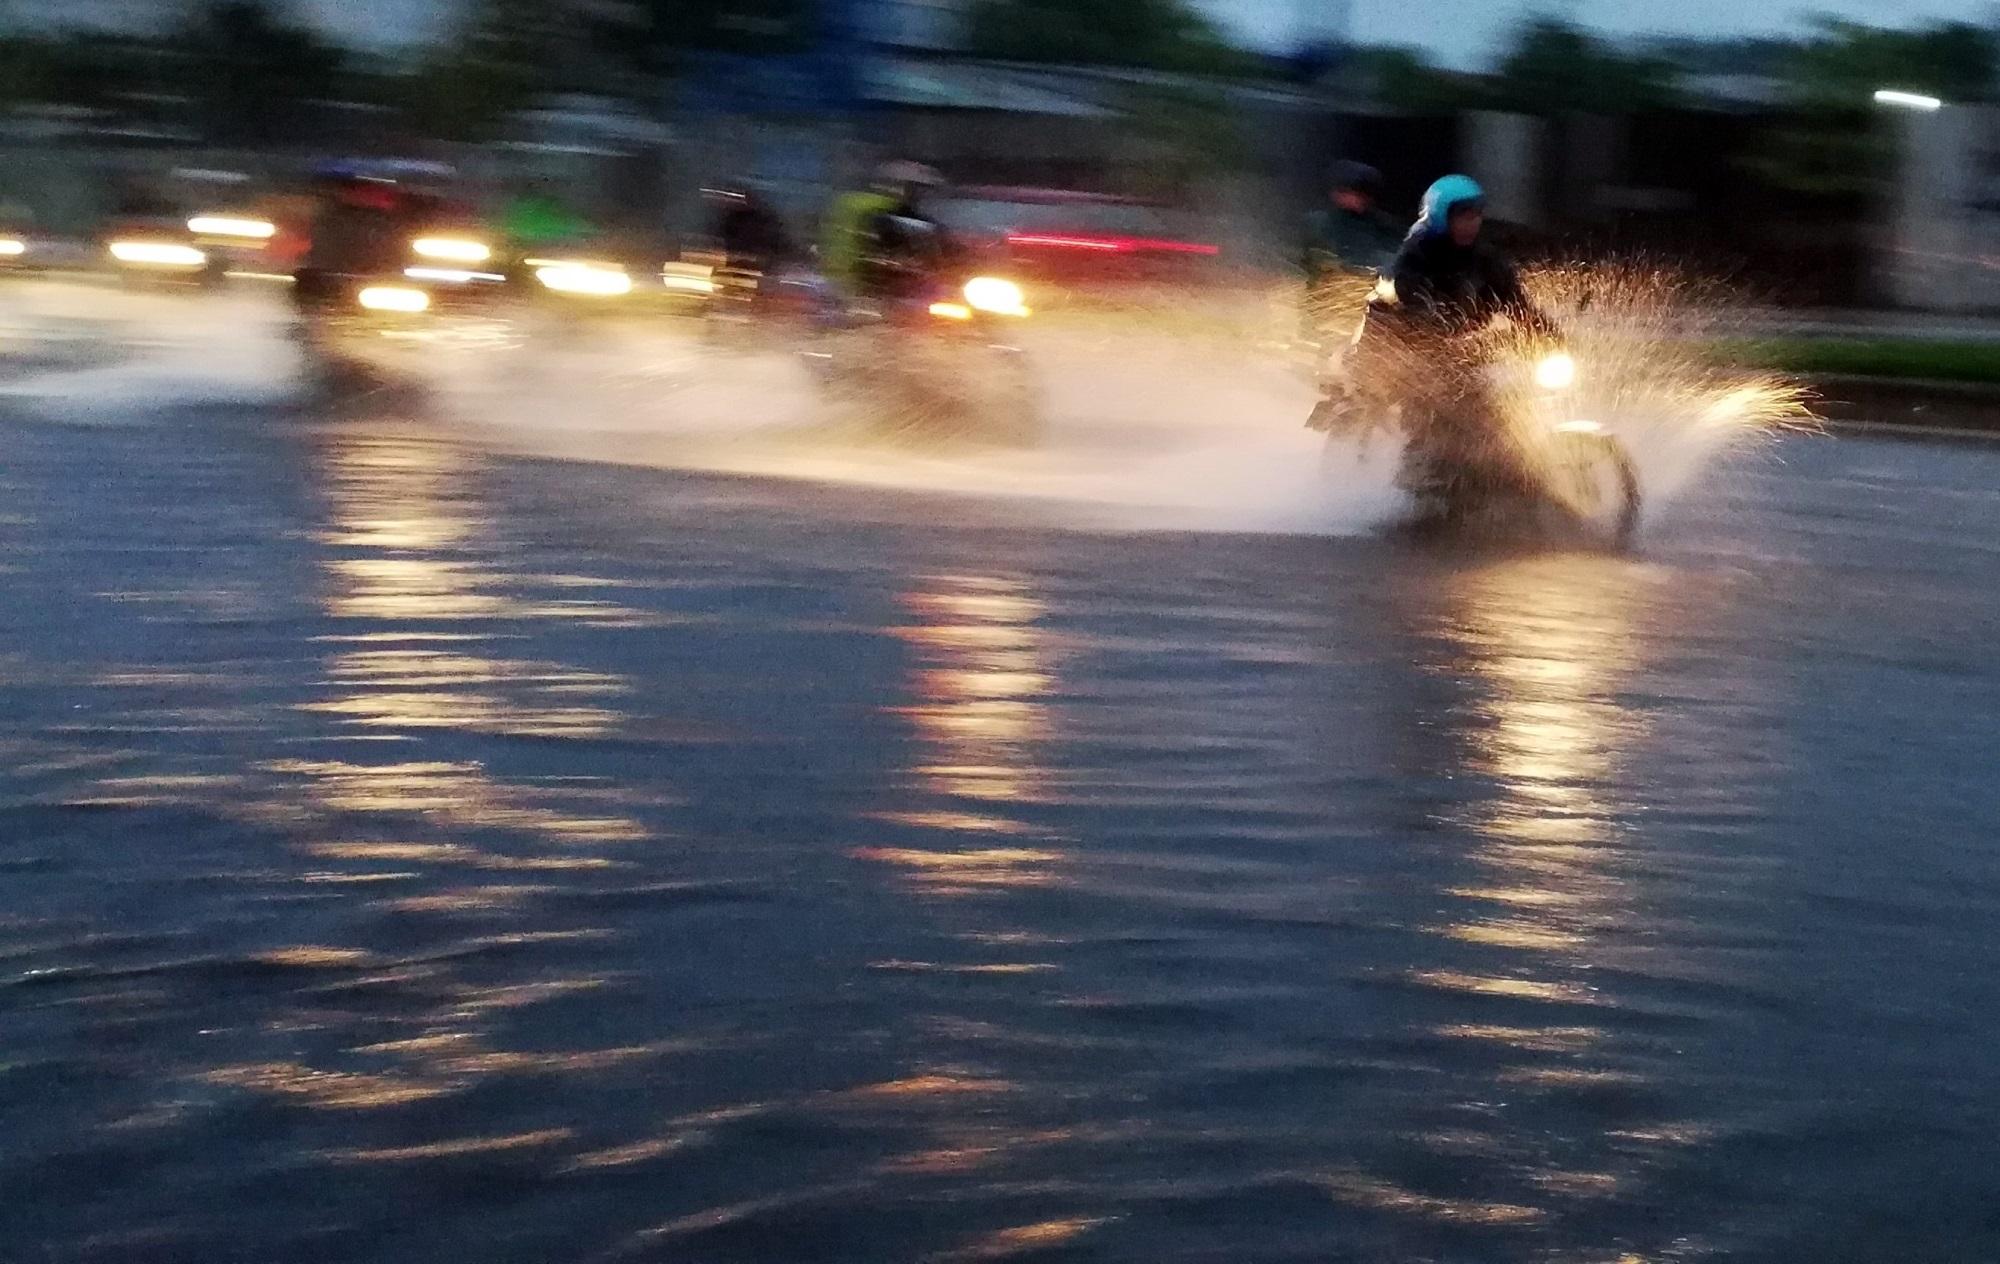 Sài Gòn ngập kinh hoàng, cây ngã đè người đi xe máy tử vong trong tâm bão - Ảnh 4